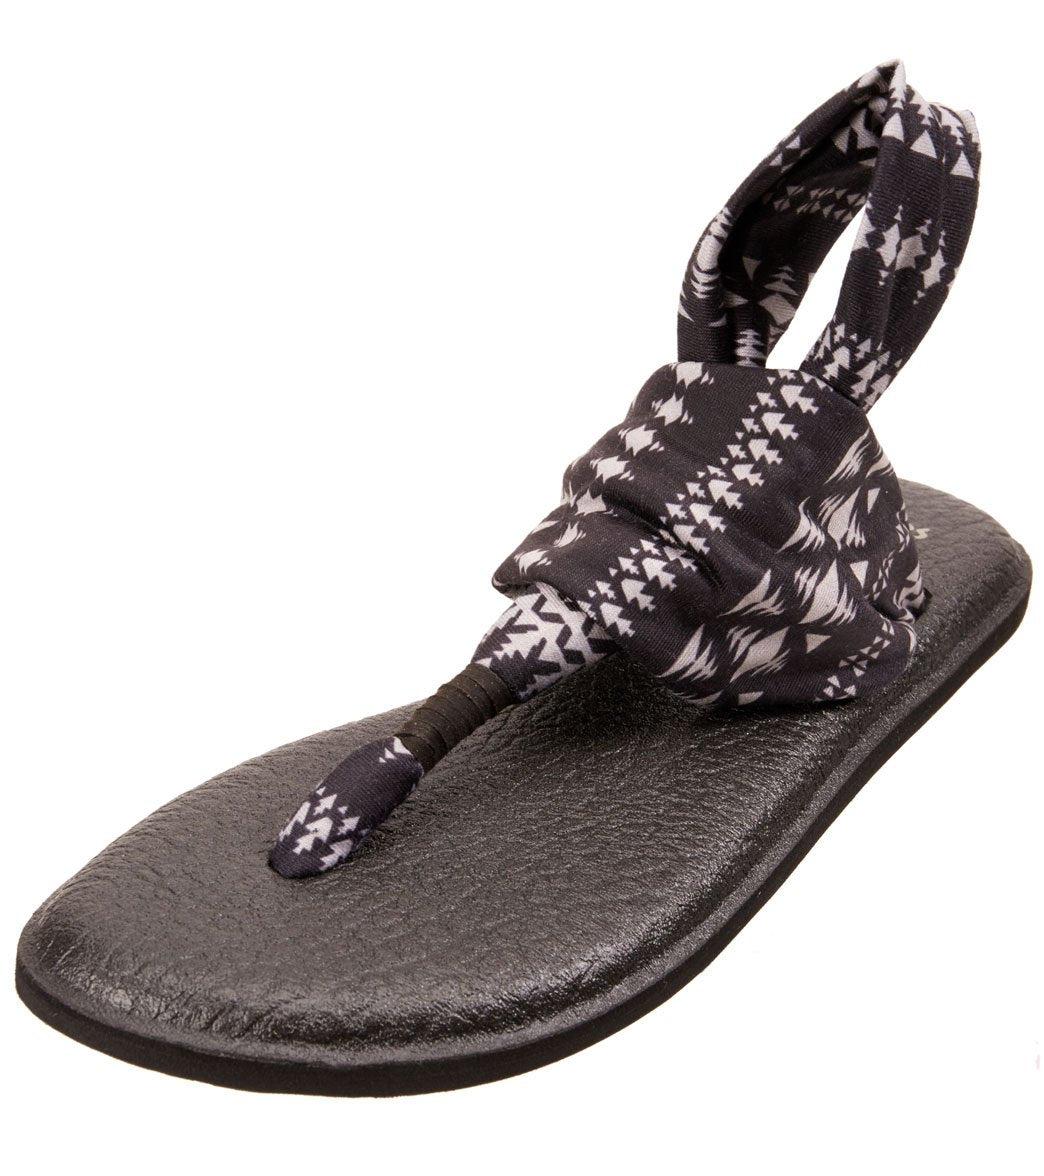 Sanuk Women's Yoga Sling 2 Prints Sandal - Black/Natural Koa Tribal 10 Rubber